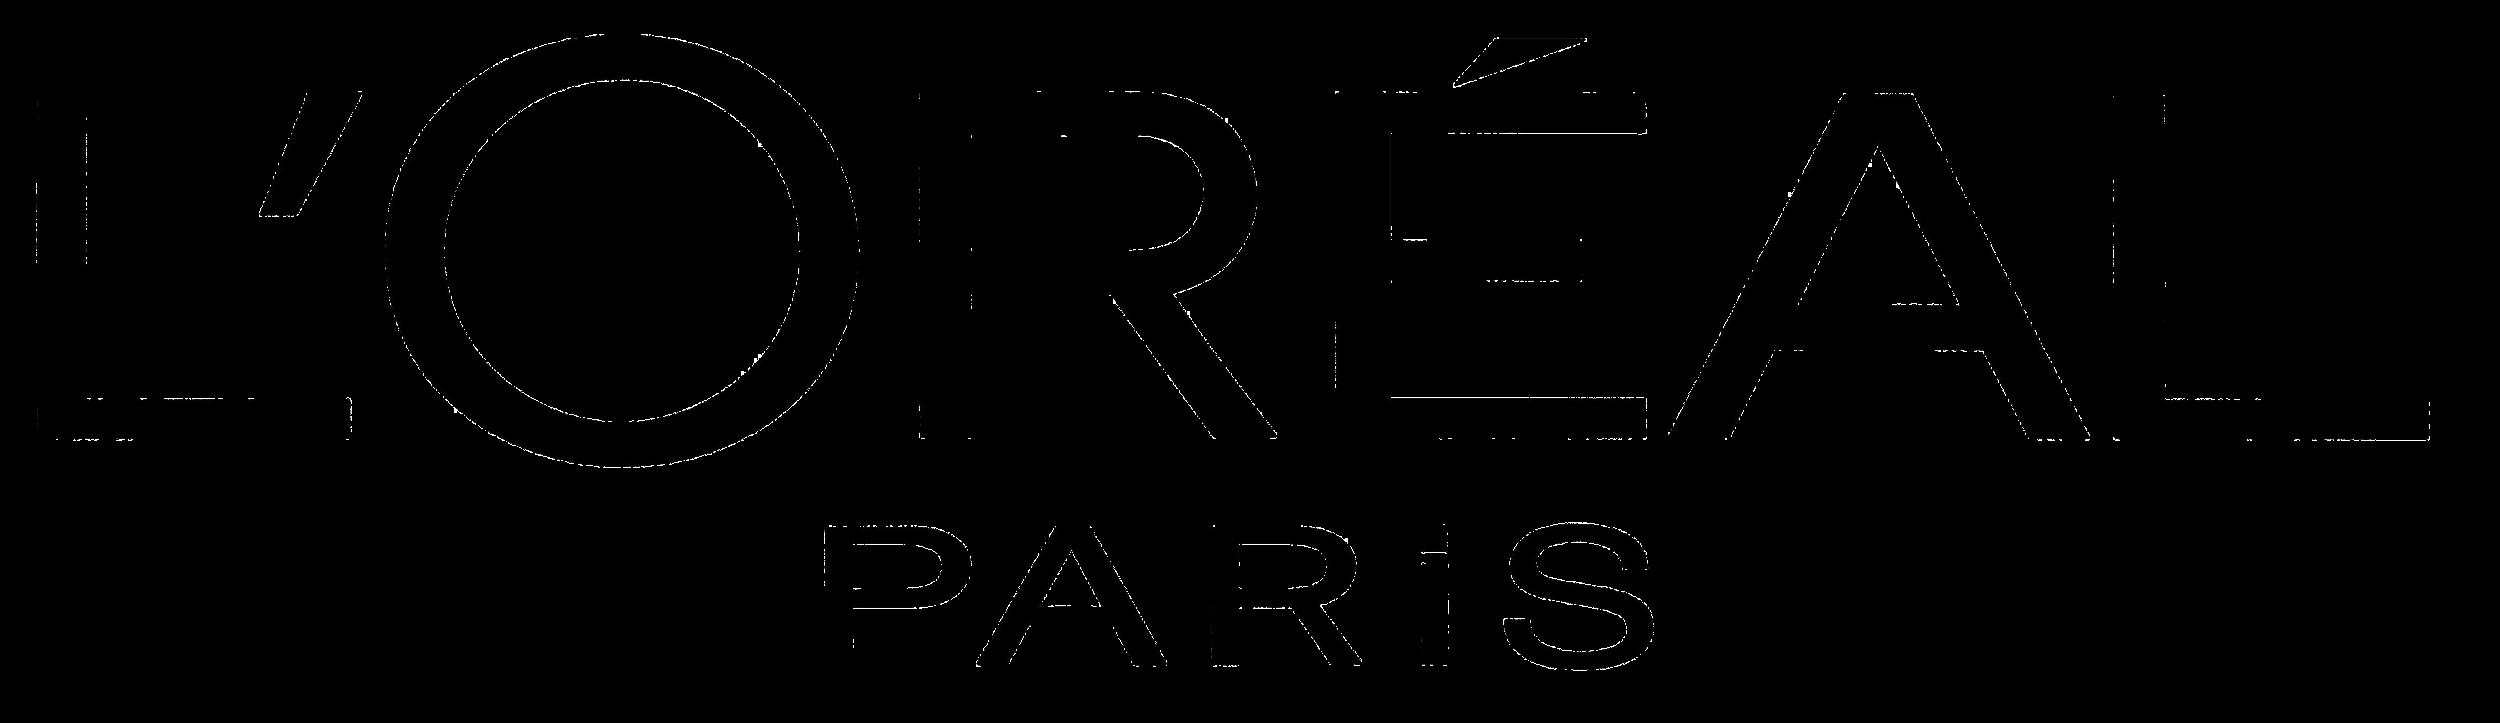 LOreal-Paris-Logo-High-Resolution-Large-PNG-Black-White.png